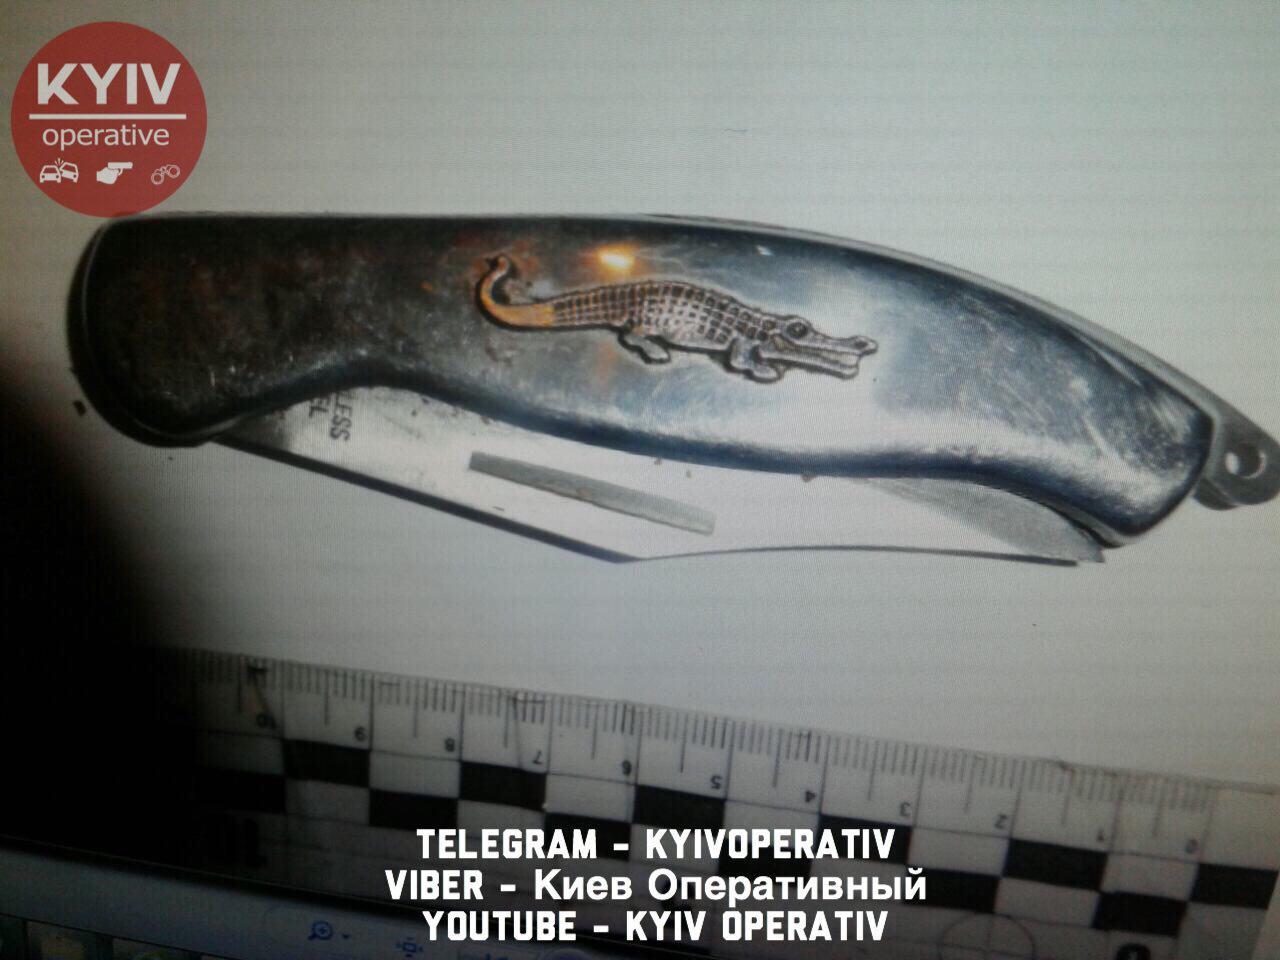 Очередное нападение на военного ВСУ в Киеве: юноша с ножевым ранением в тяжелом состоянии в больнице, полиция ищет свидетелей